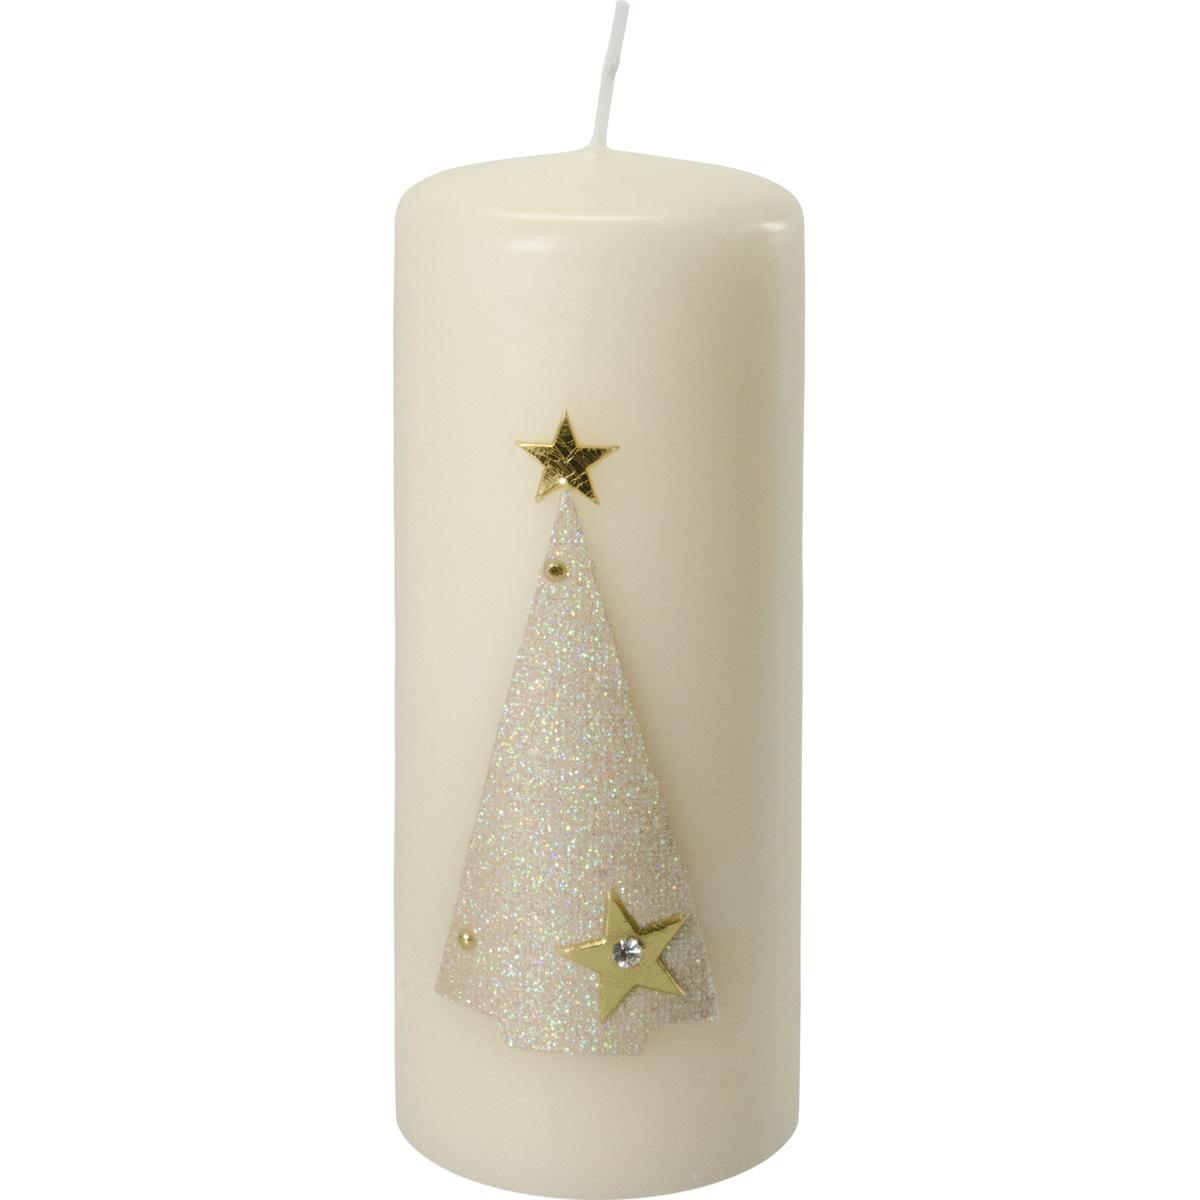 Weihnachtskerze, #2732, 16,5 x 6 cm, creme, Baum